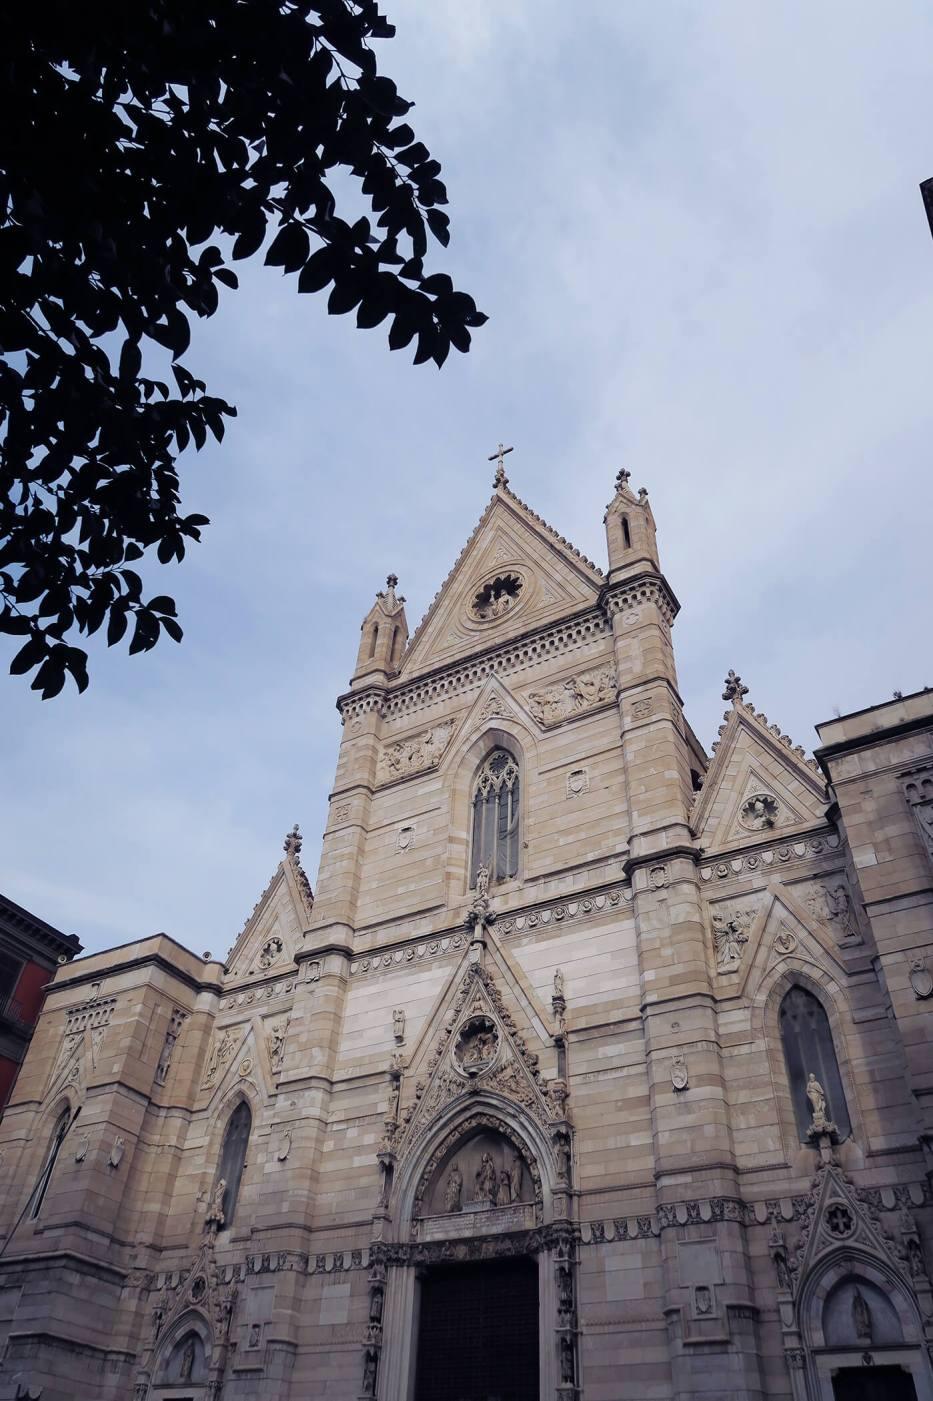 La Catedral de Santa María Asunta en Nápoles, Italia